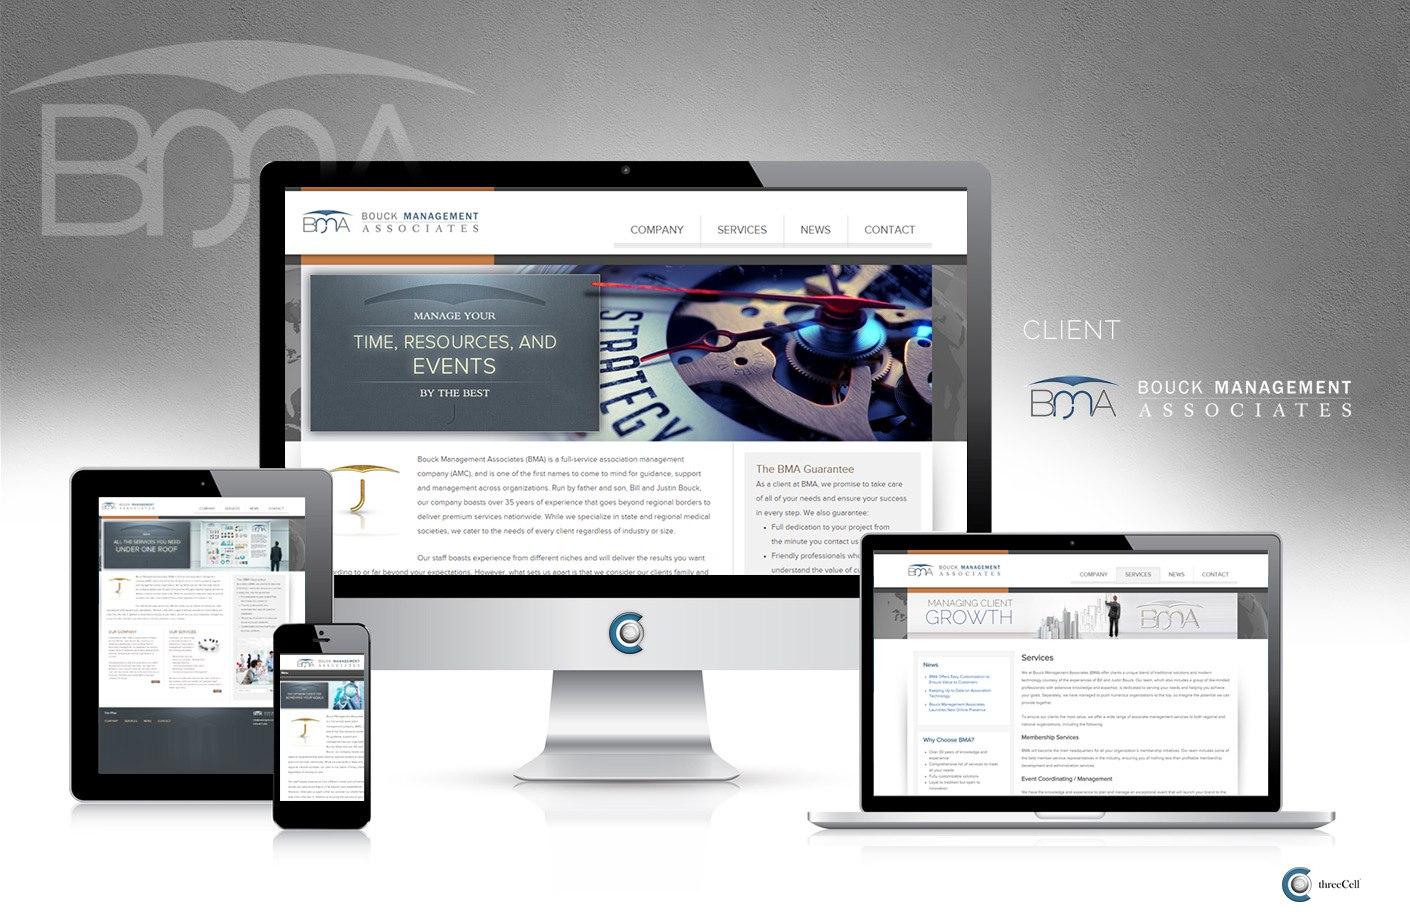 Bouck Management Associates - ThreeCell Web Design